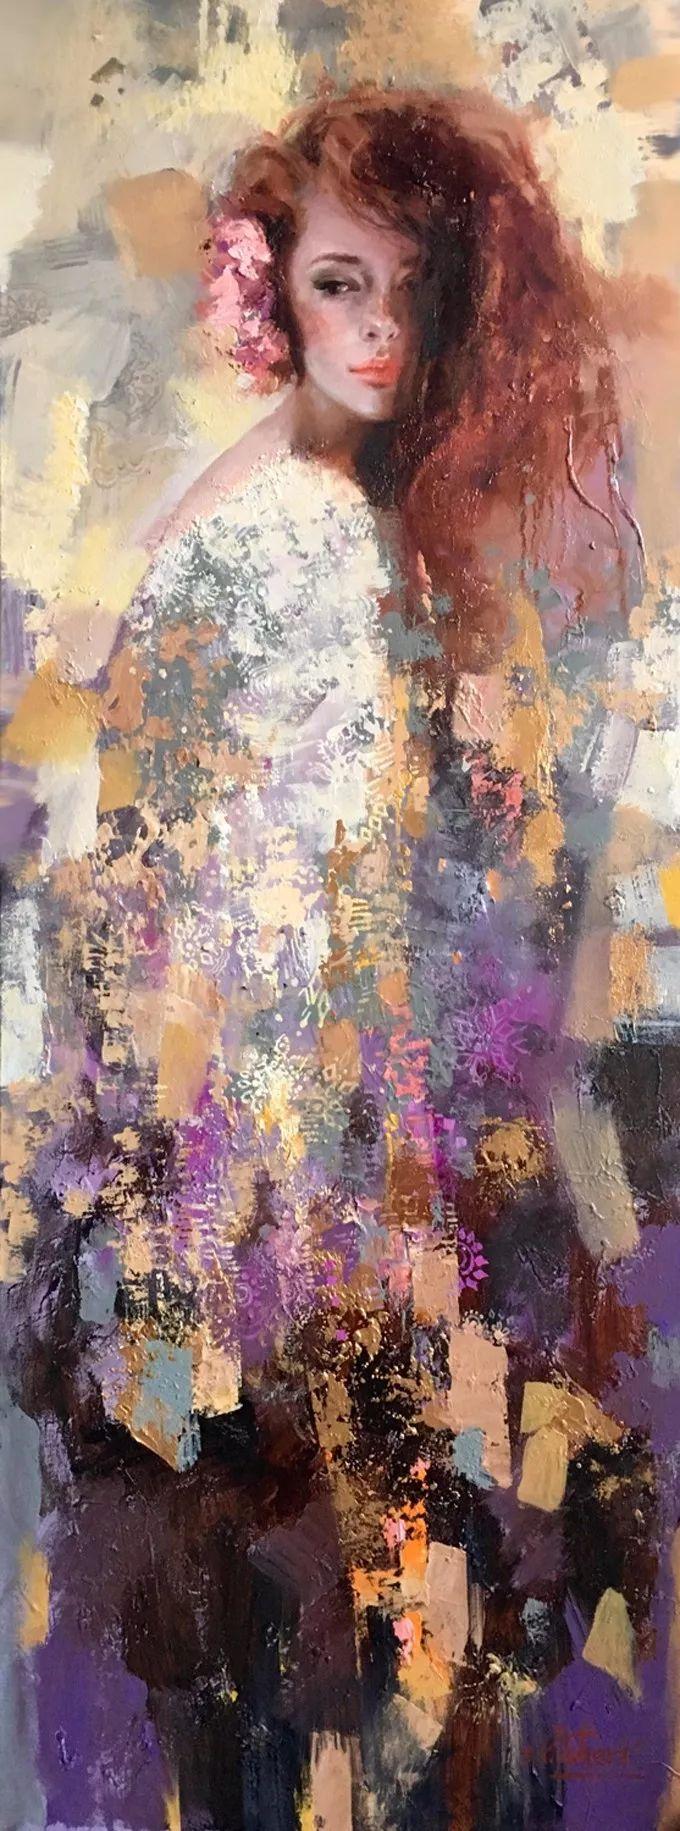 她的油画有一种惊艳脱俗的美,乌克兰天才女画家艾琳·谢里插图11